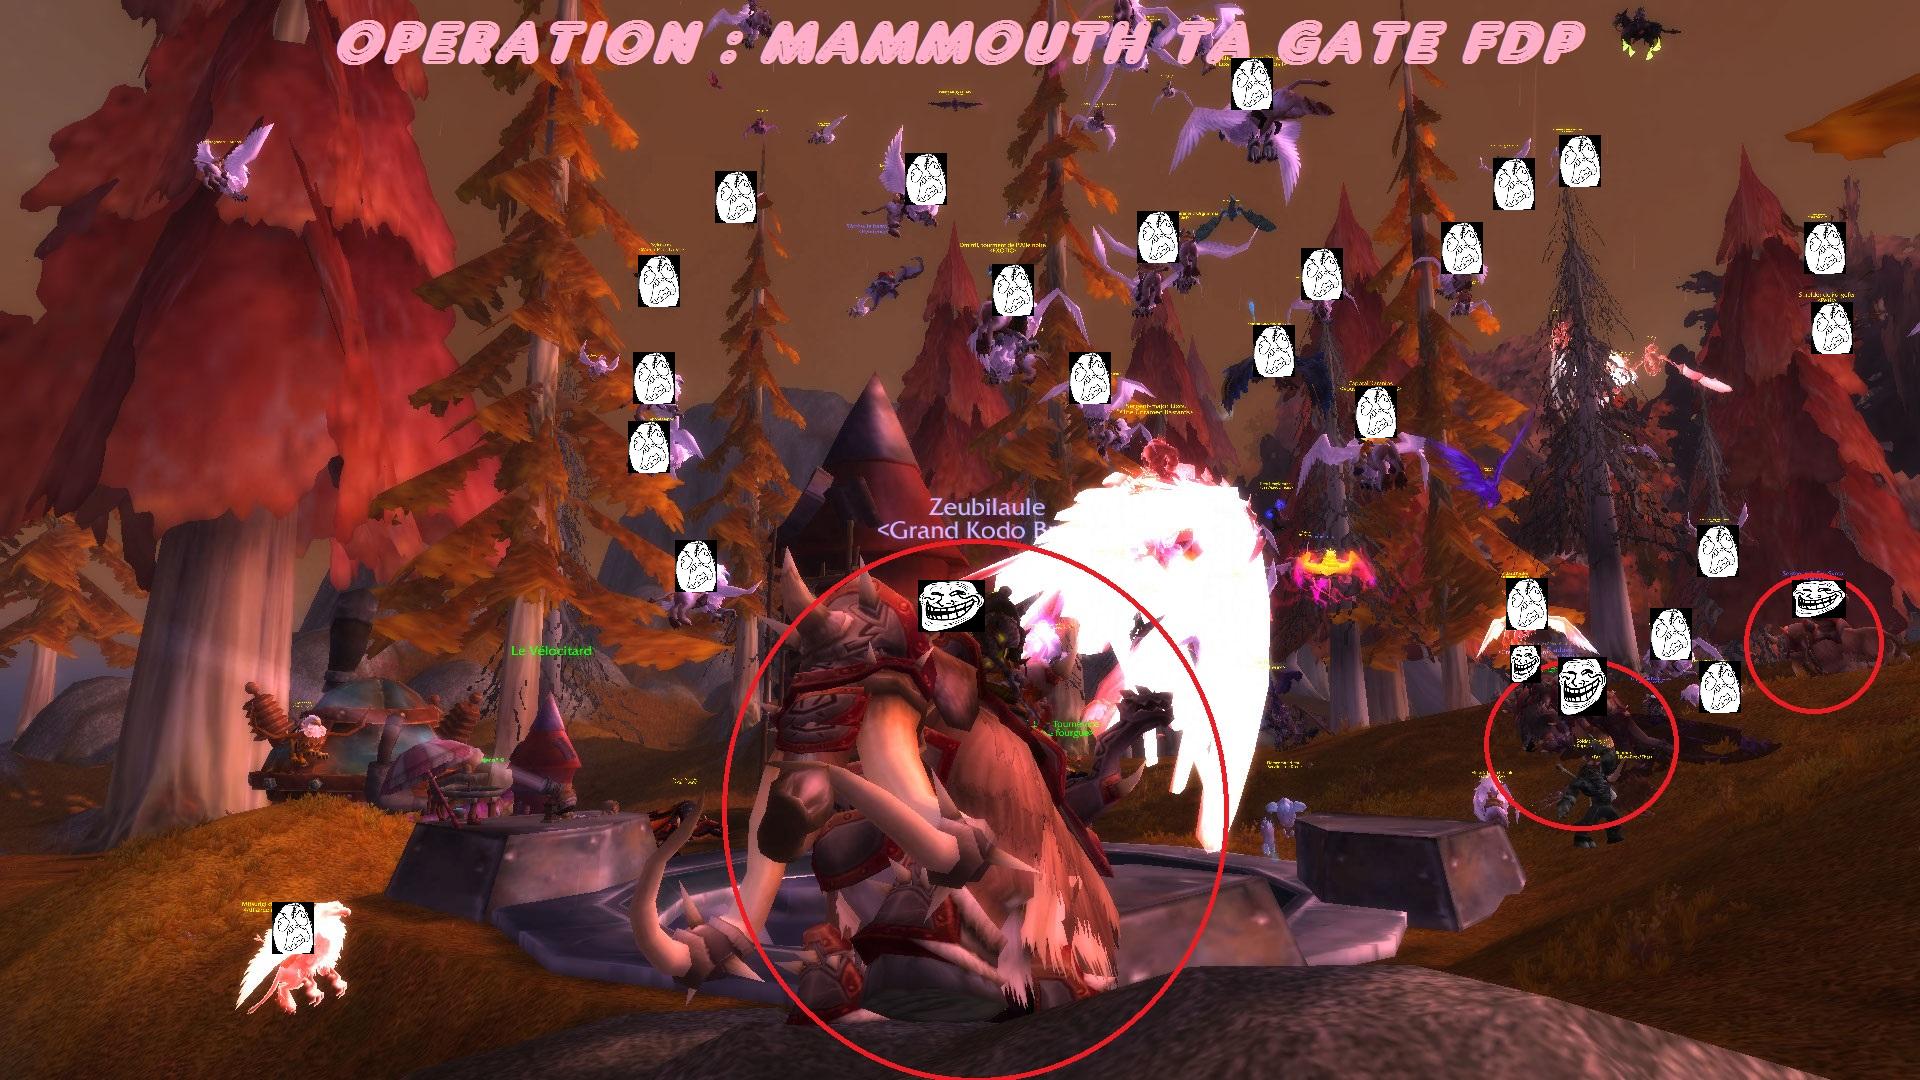 JE MAMMOUTH TA GATE FDP 535044MAMMOUTHTAGATEFDP